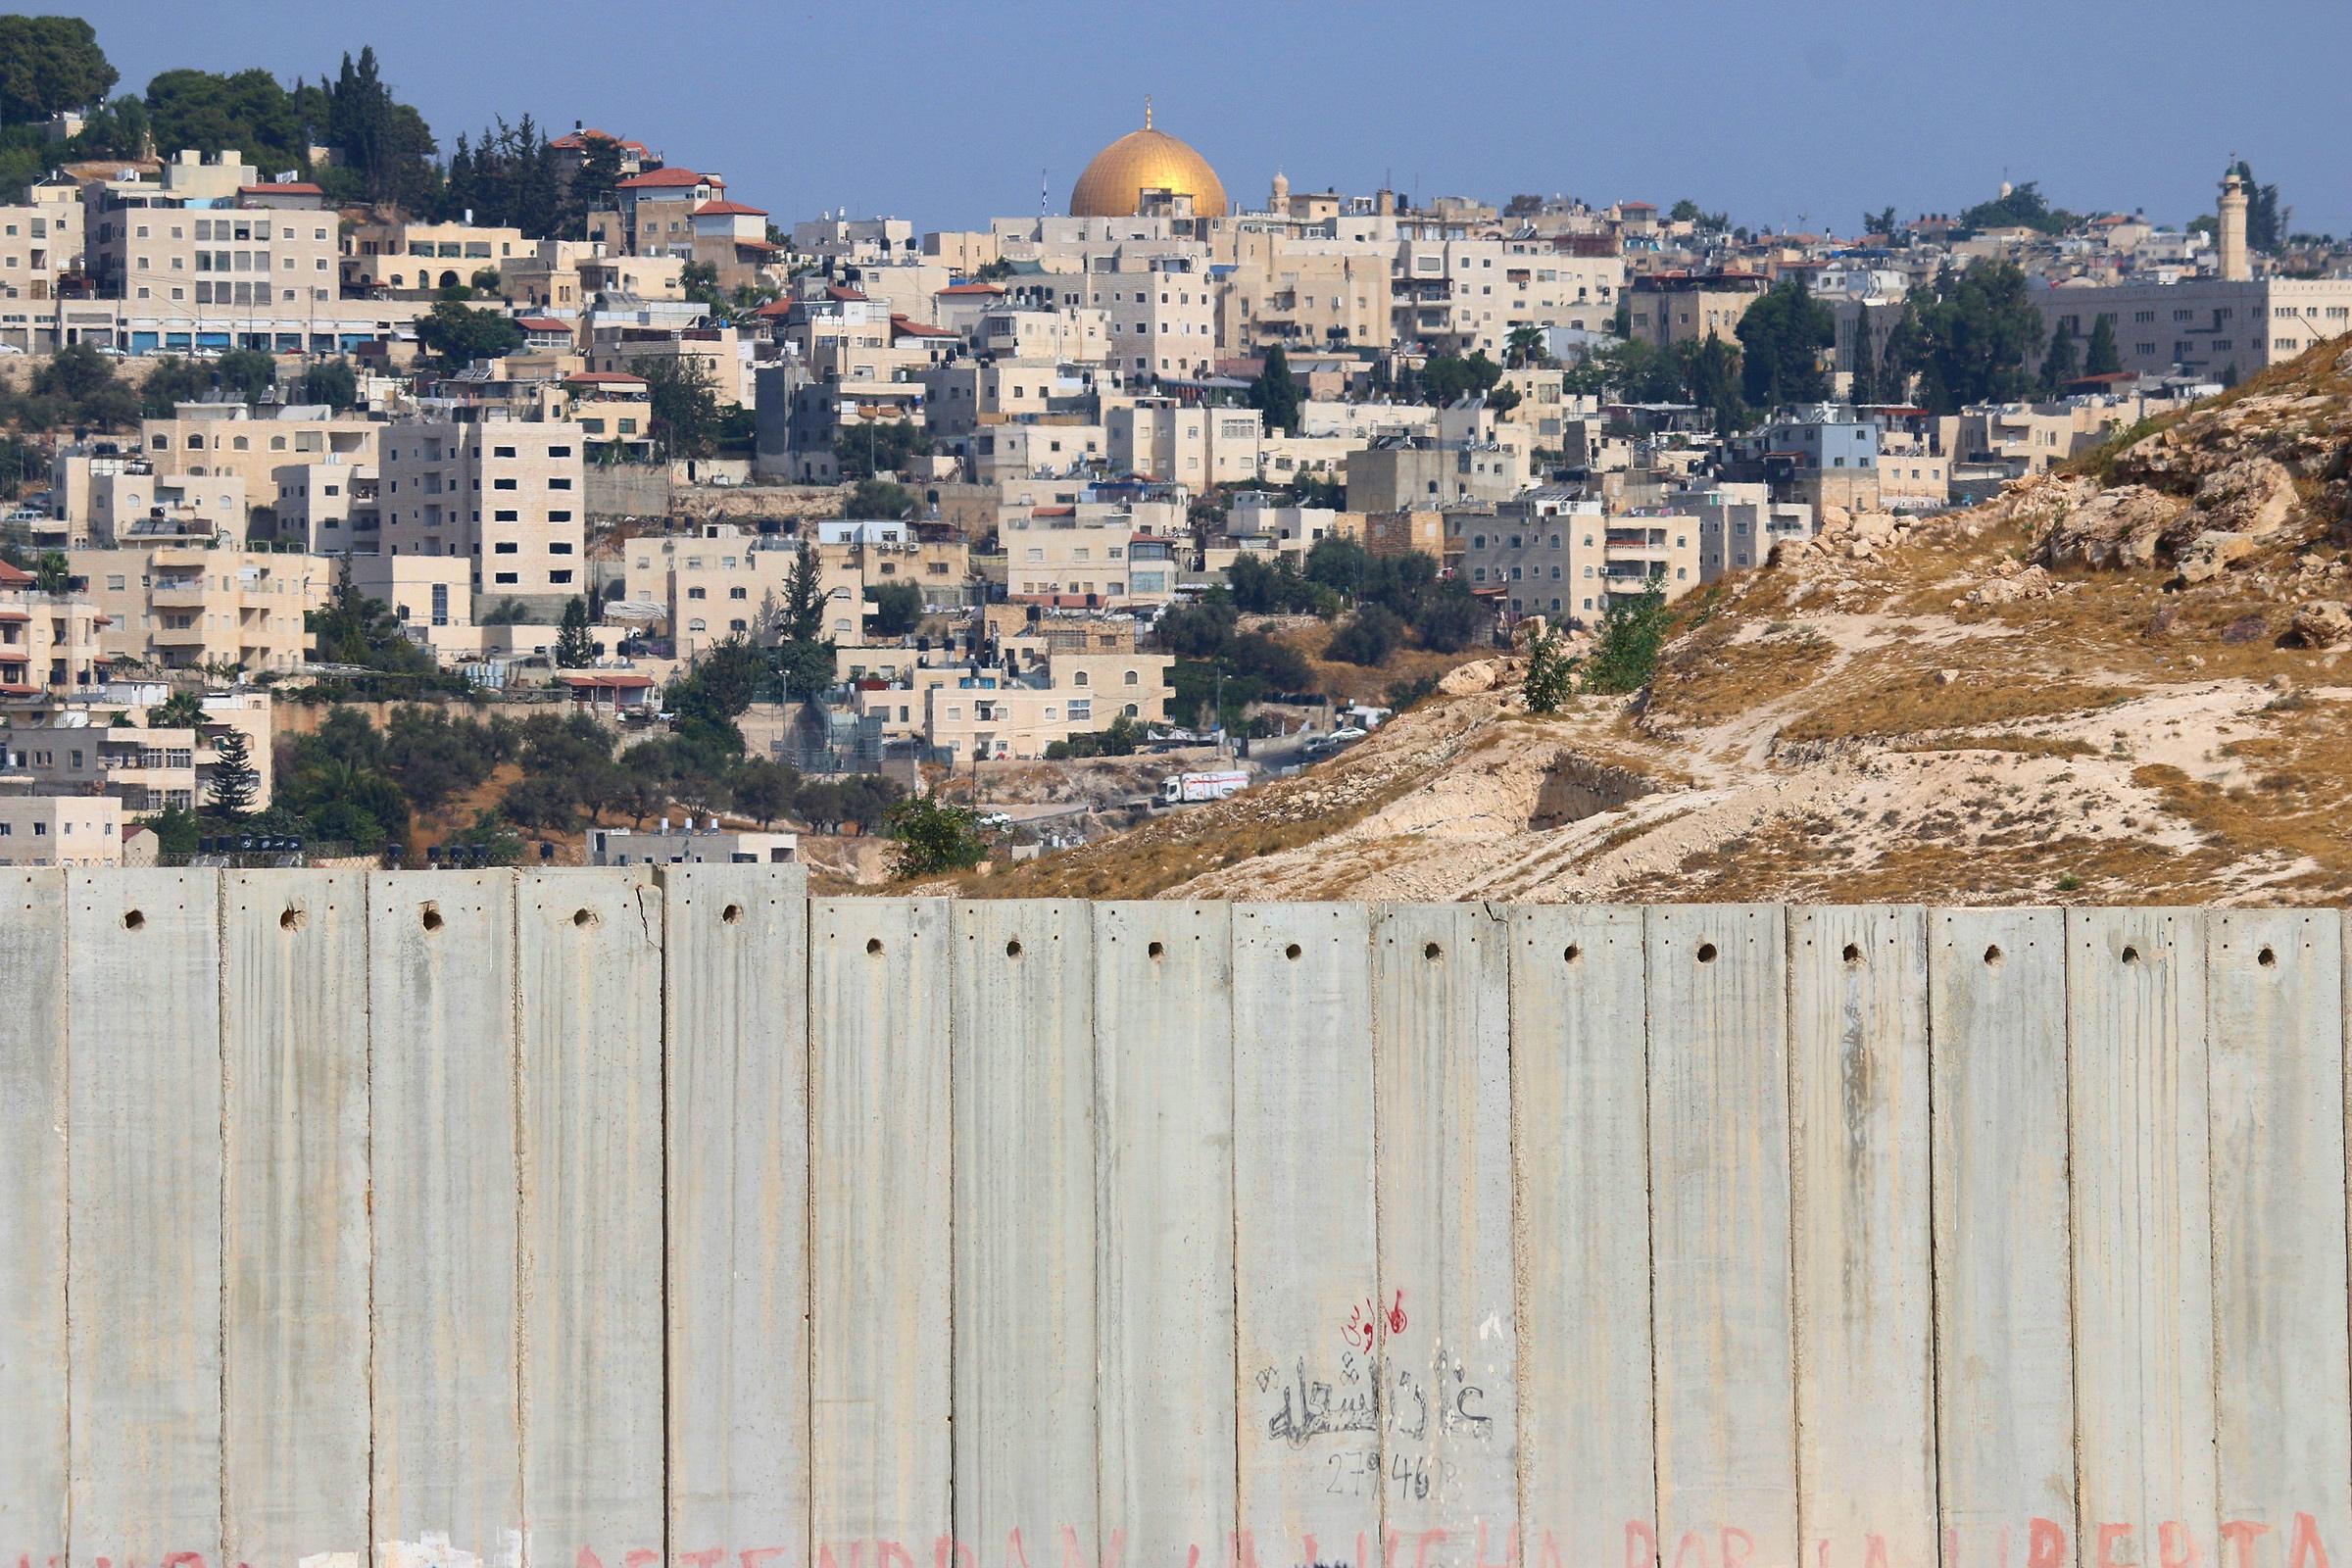 تأثيرات الظرف الموضوعي على القضية الفلسطينية (الخليج والممانعة)